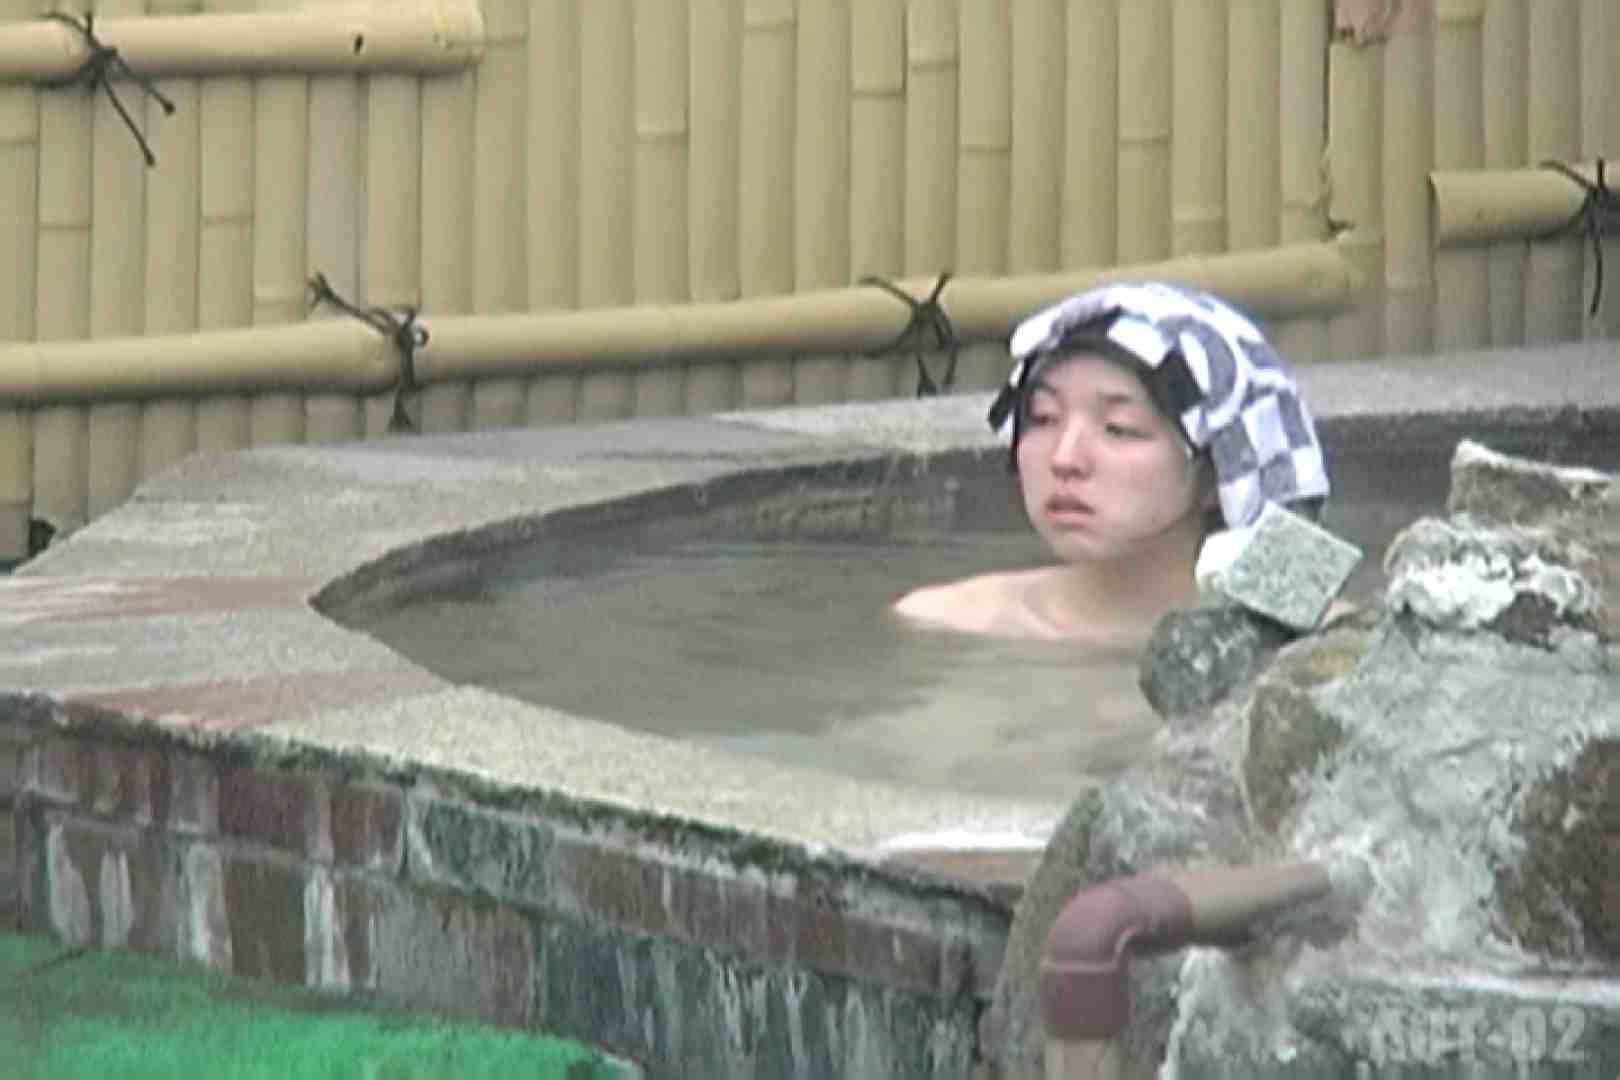 Aquaな露天風呂Vol.723 盗撮 ワレメ動画紹介 110PICs 2